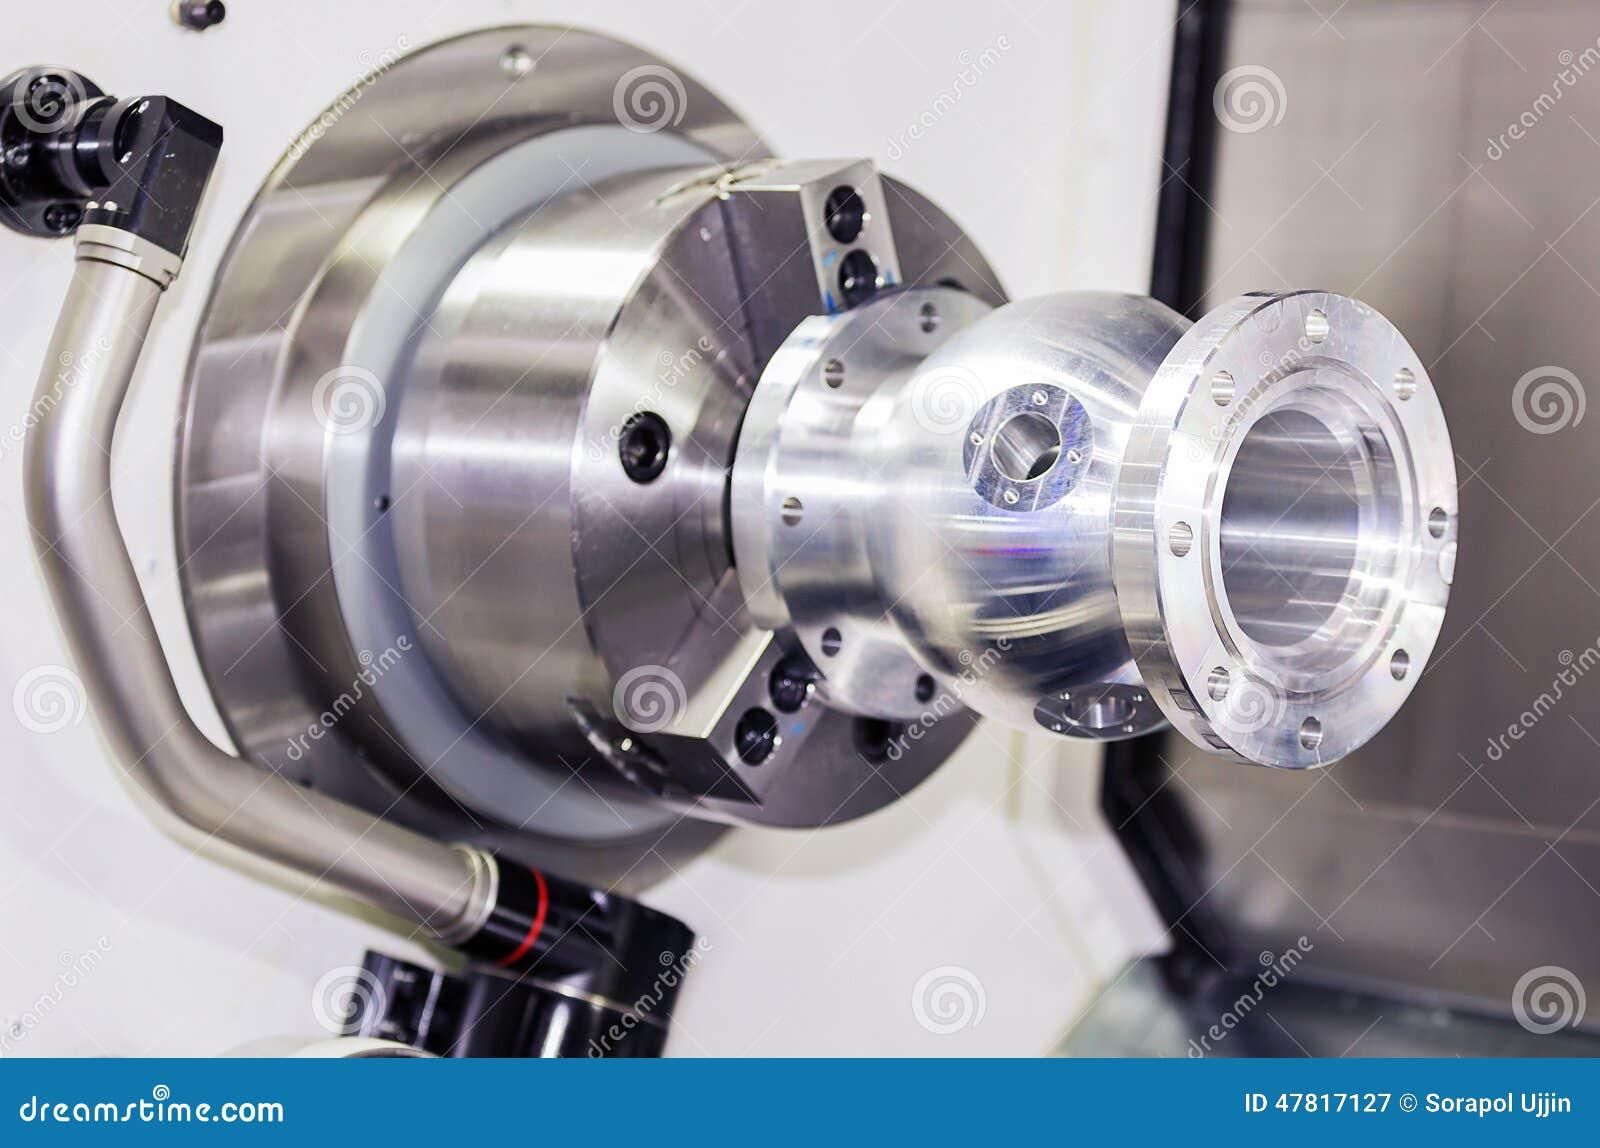 ... Turning Aluminium Autopart By Cnc Lathe Stock Photo - Image: 47817127